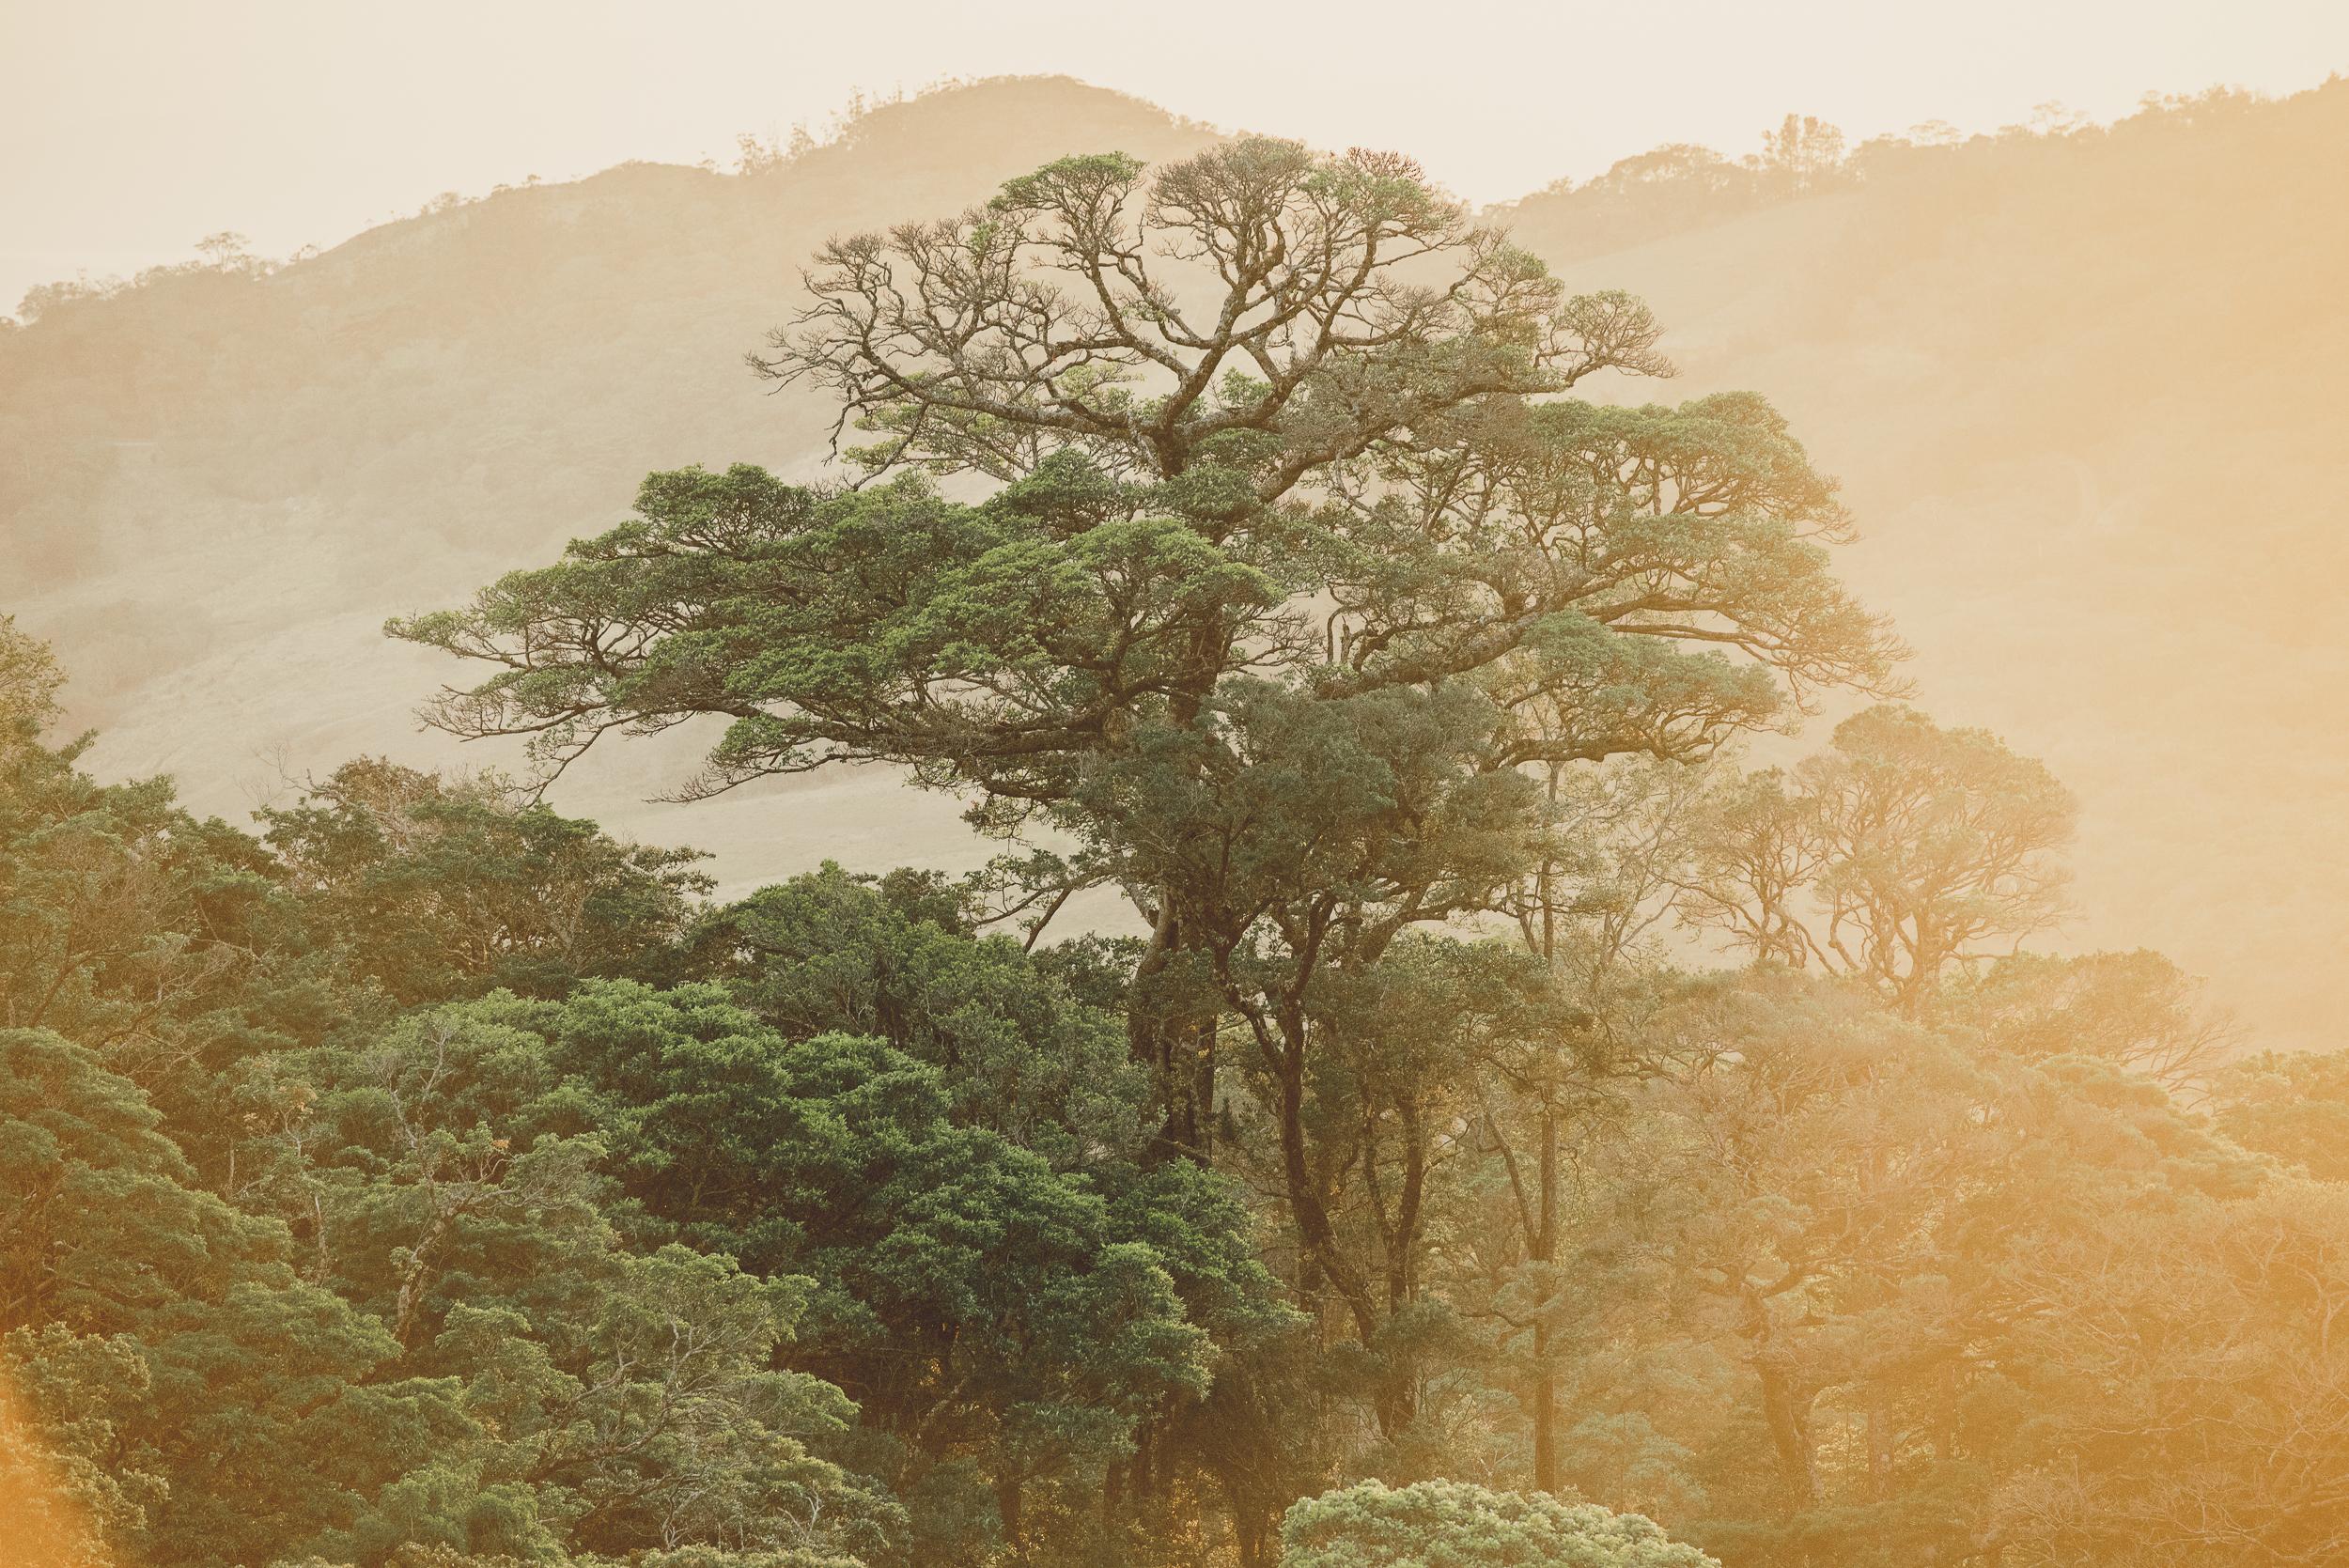 Rainforest at dawn